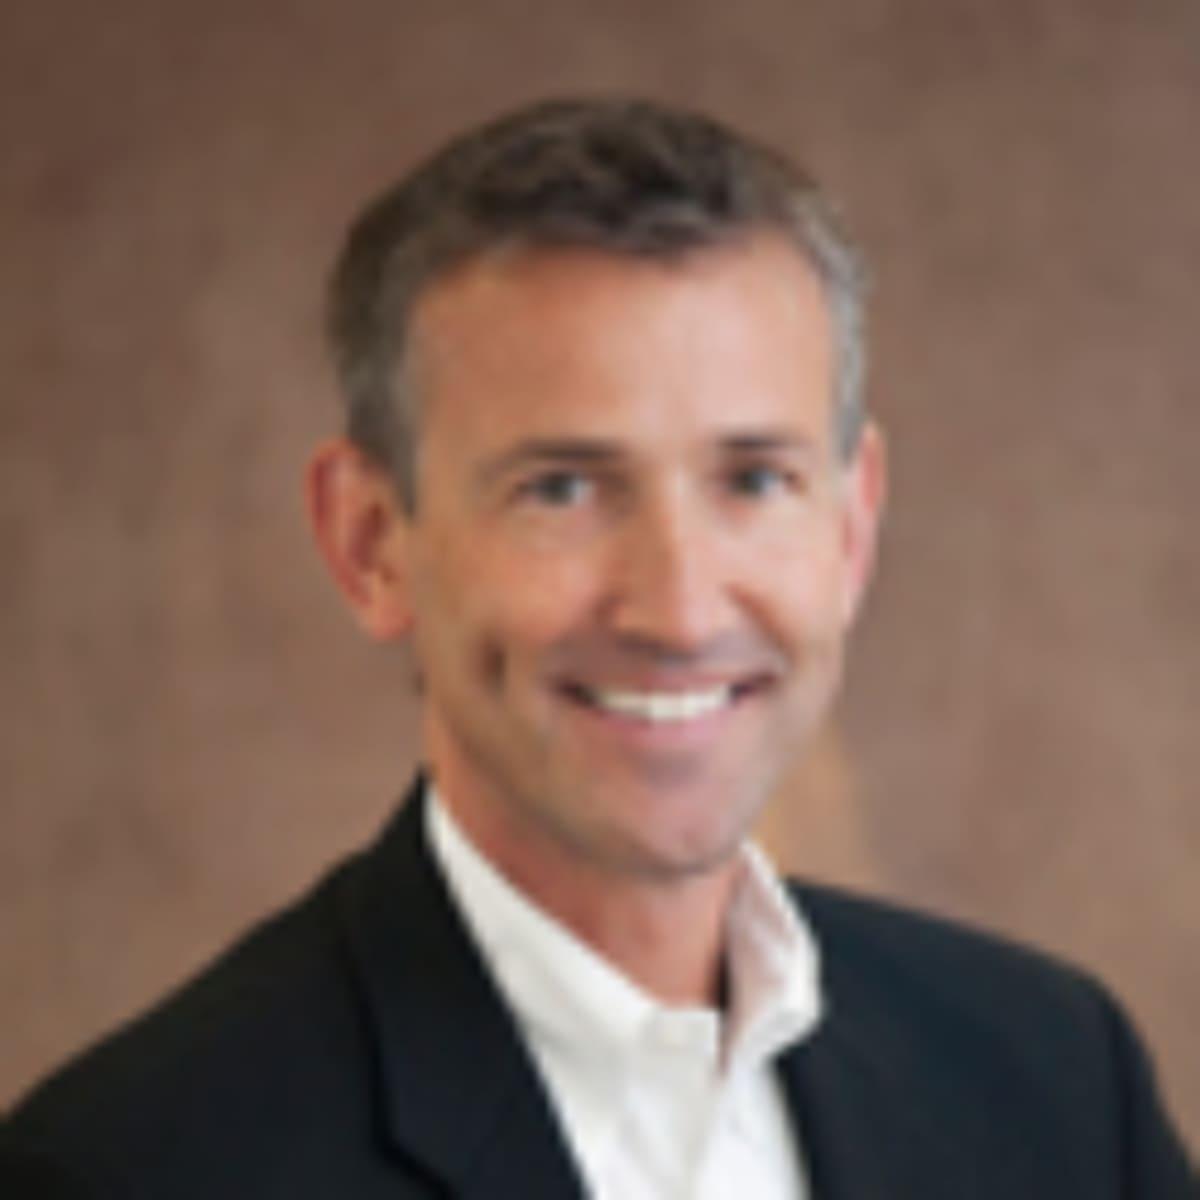 Video Dr Brian Kastner Md Grand Rapids Mi